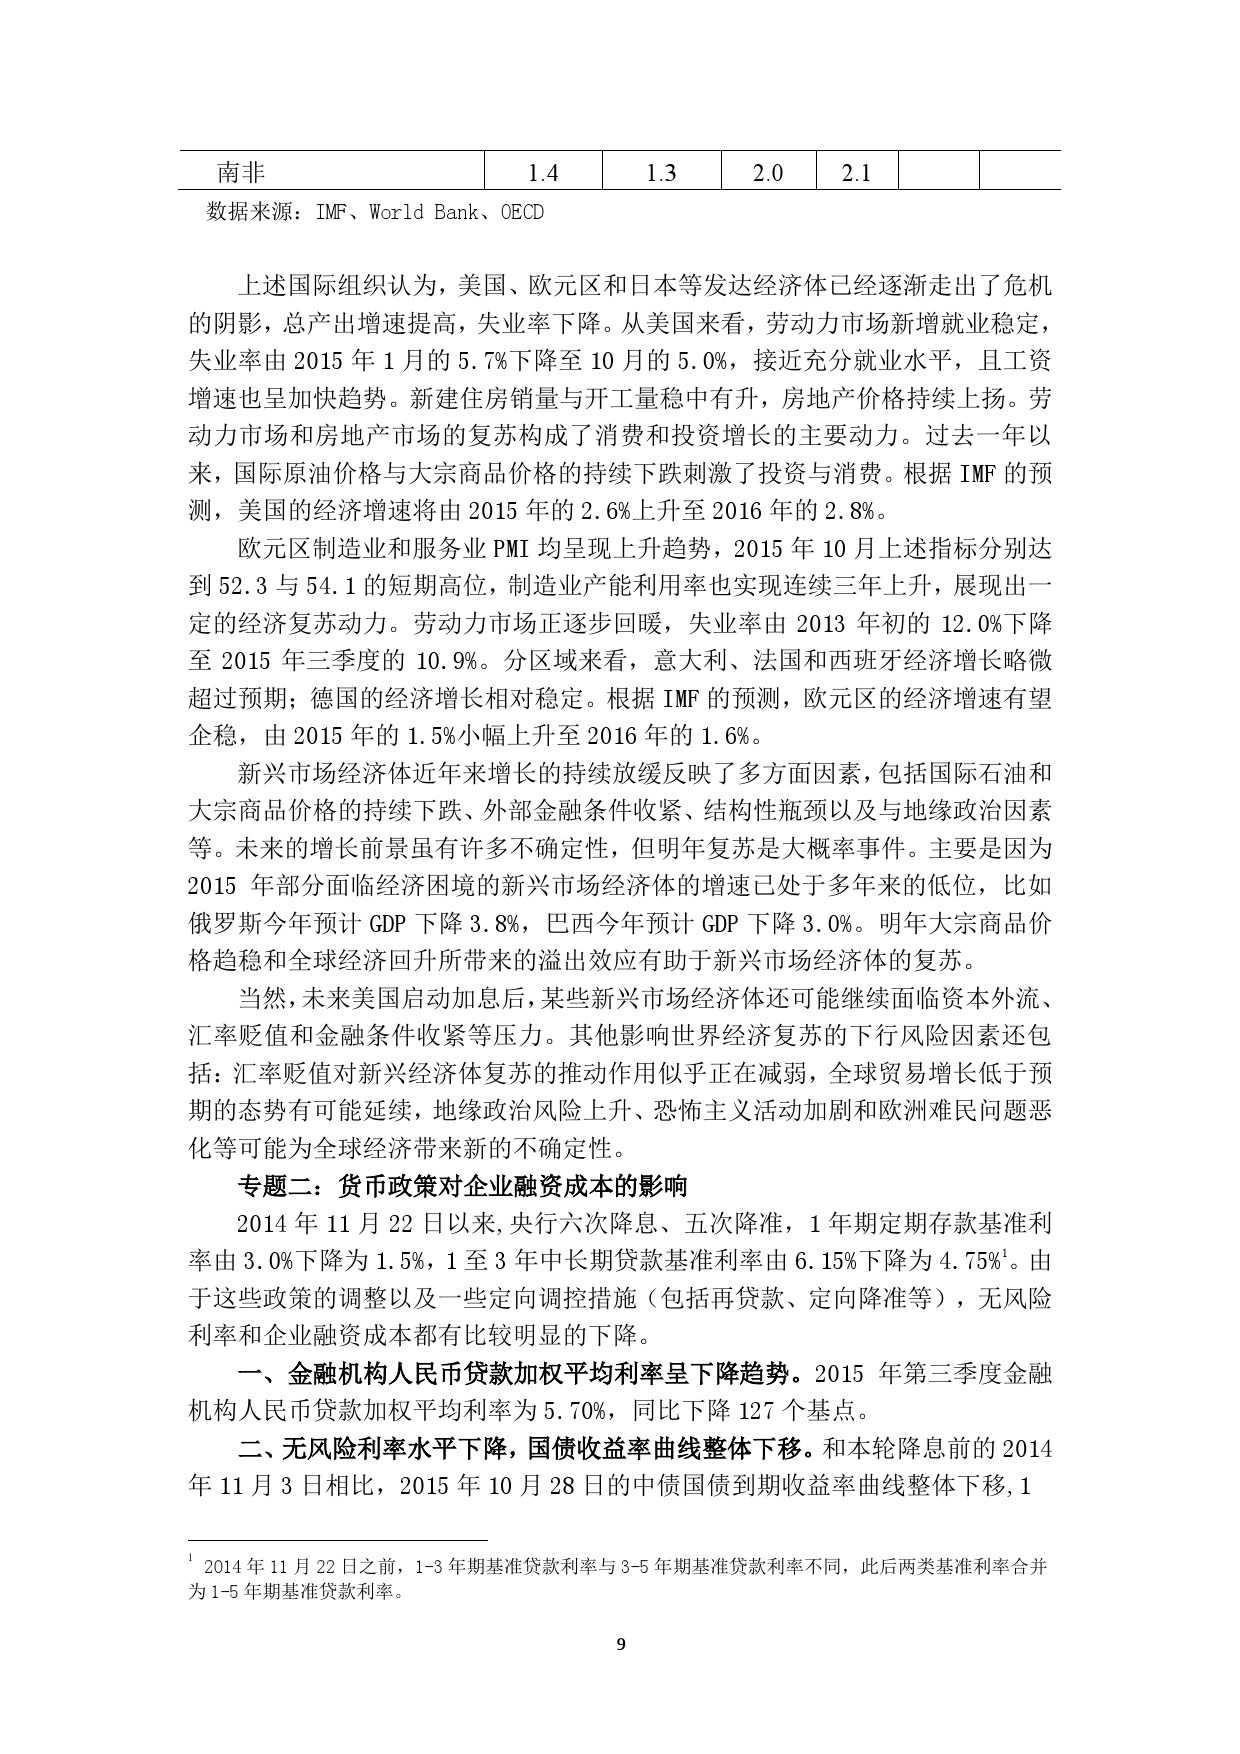 中国人民银行:2016 年中国宏观经济预测_000009